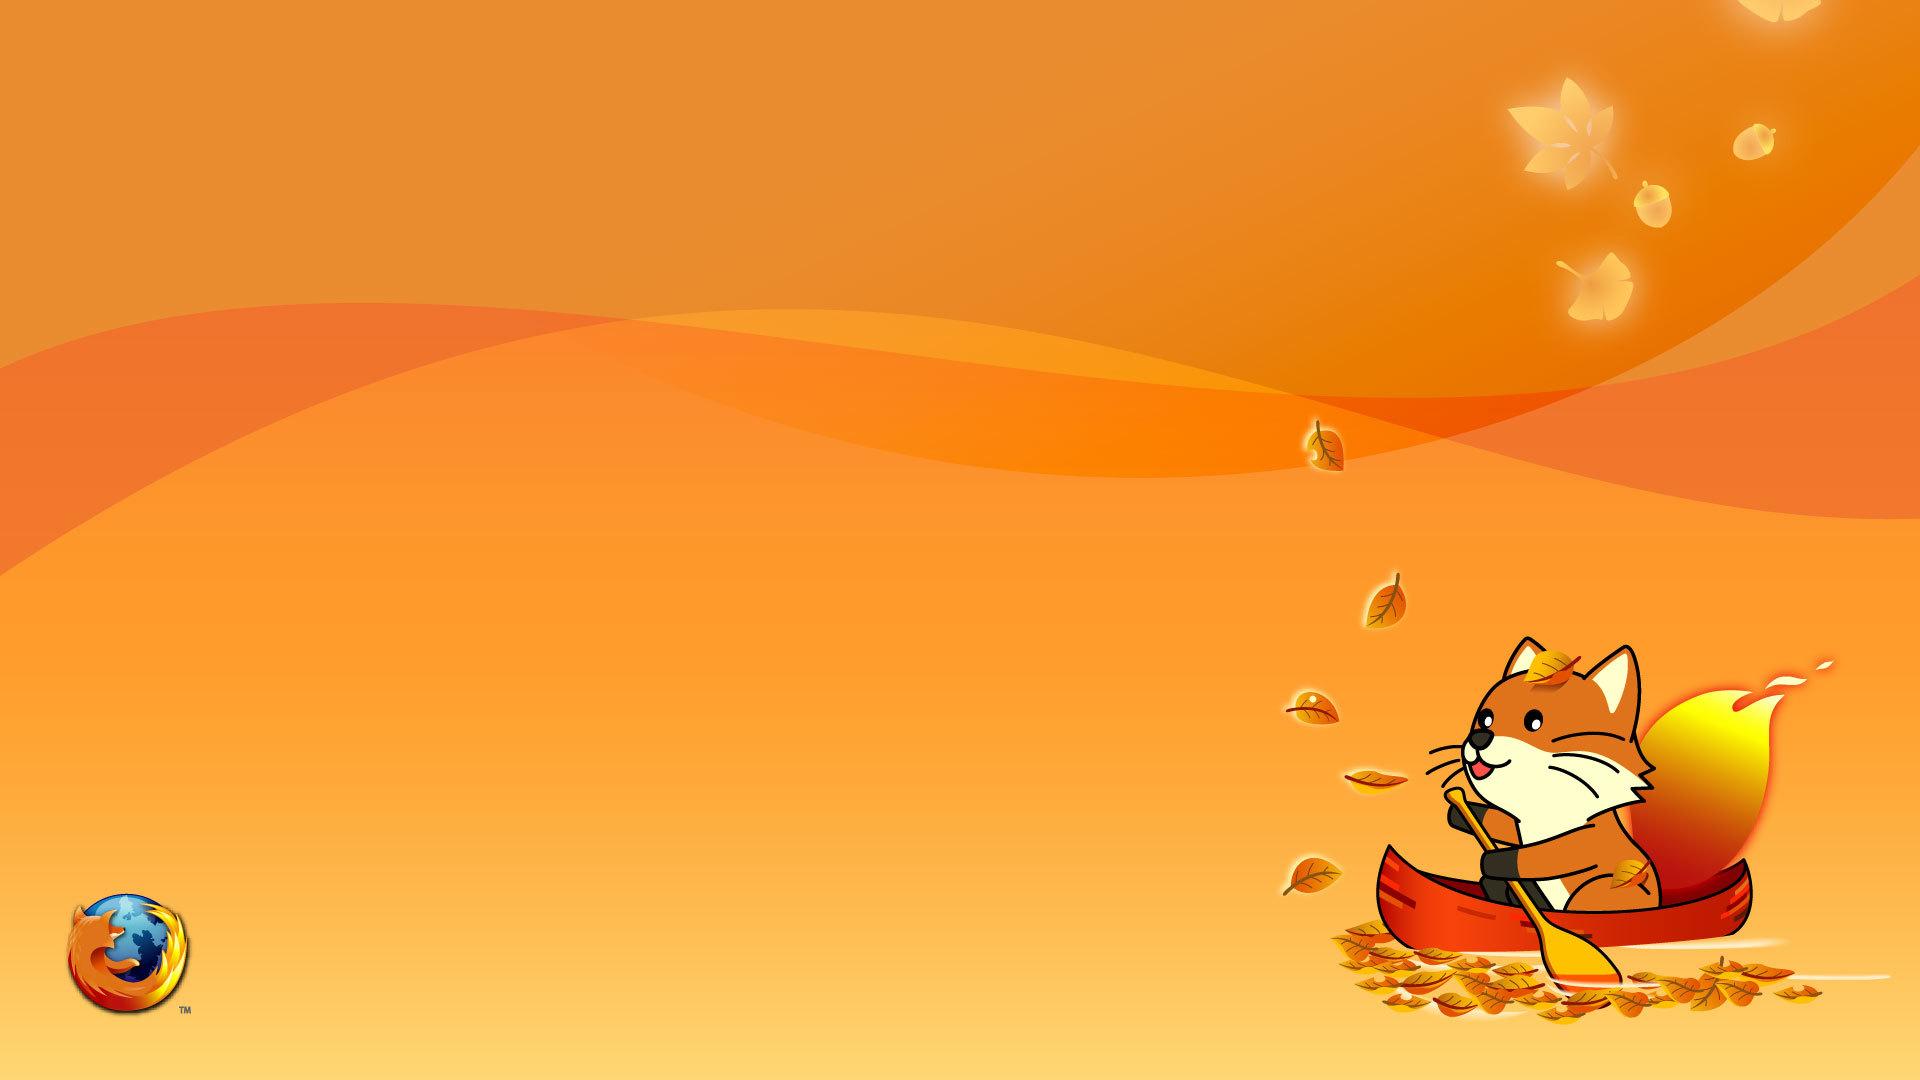 картинка шаблон оранжевый бруса это отличный